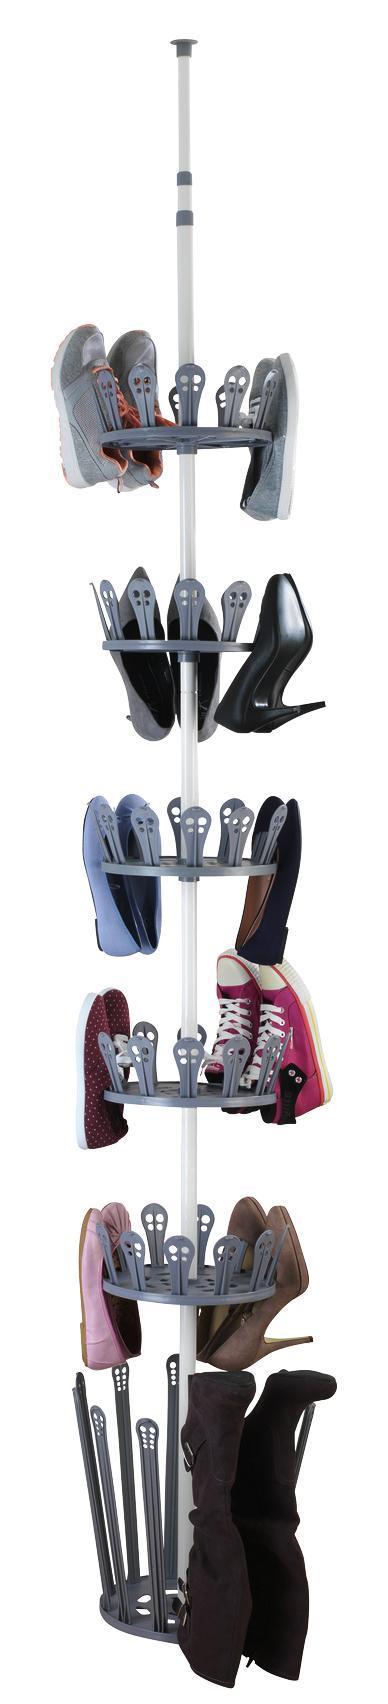 Höhenverstellbares Schuhregal aus Metall kaufen